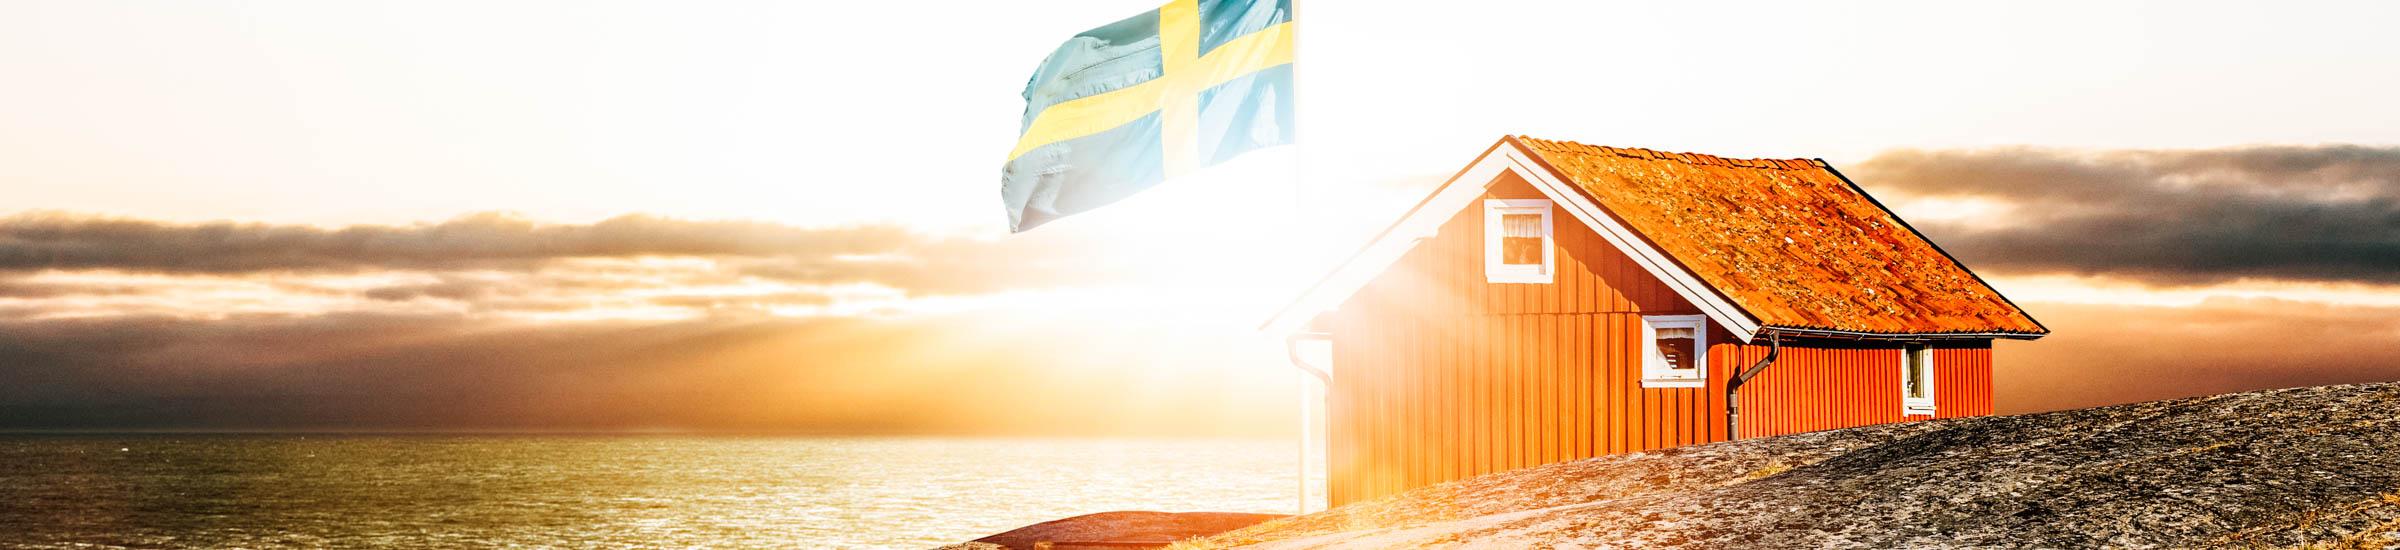 rotes Haus und Schweden-Flagge an der Küste – Familienurlaub in Schweden